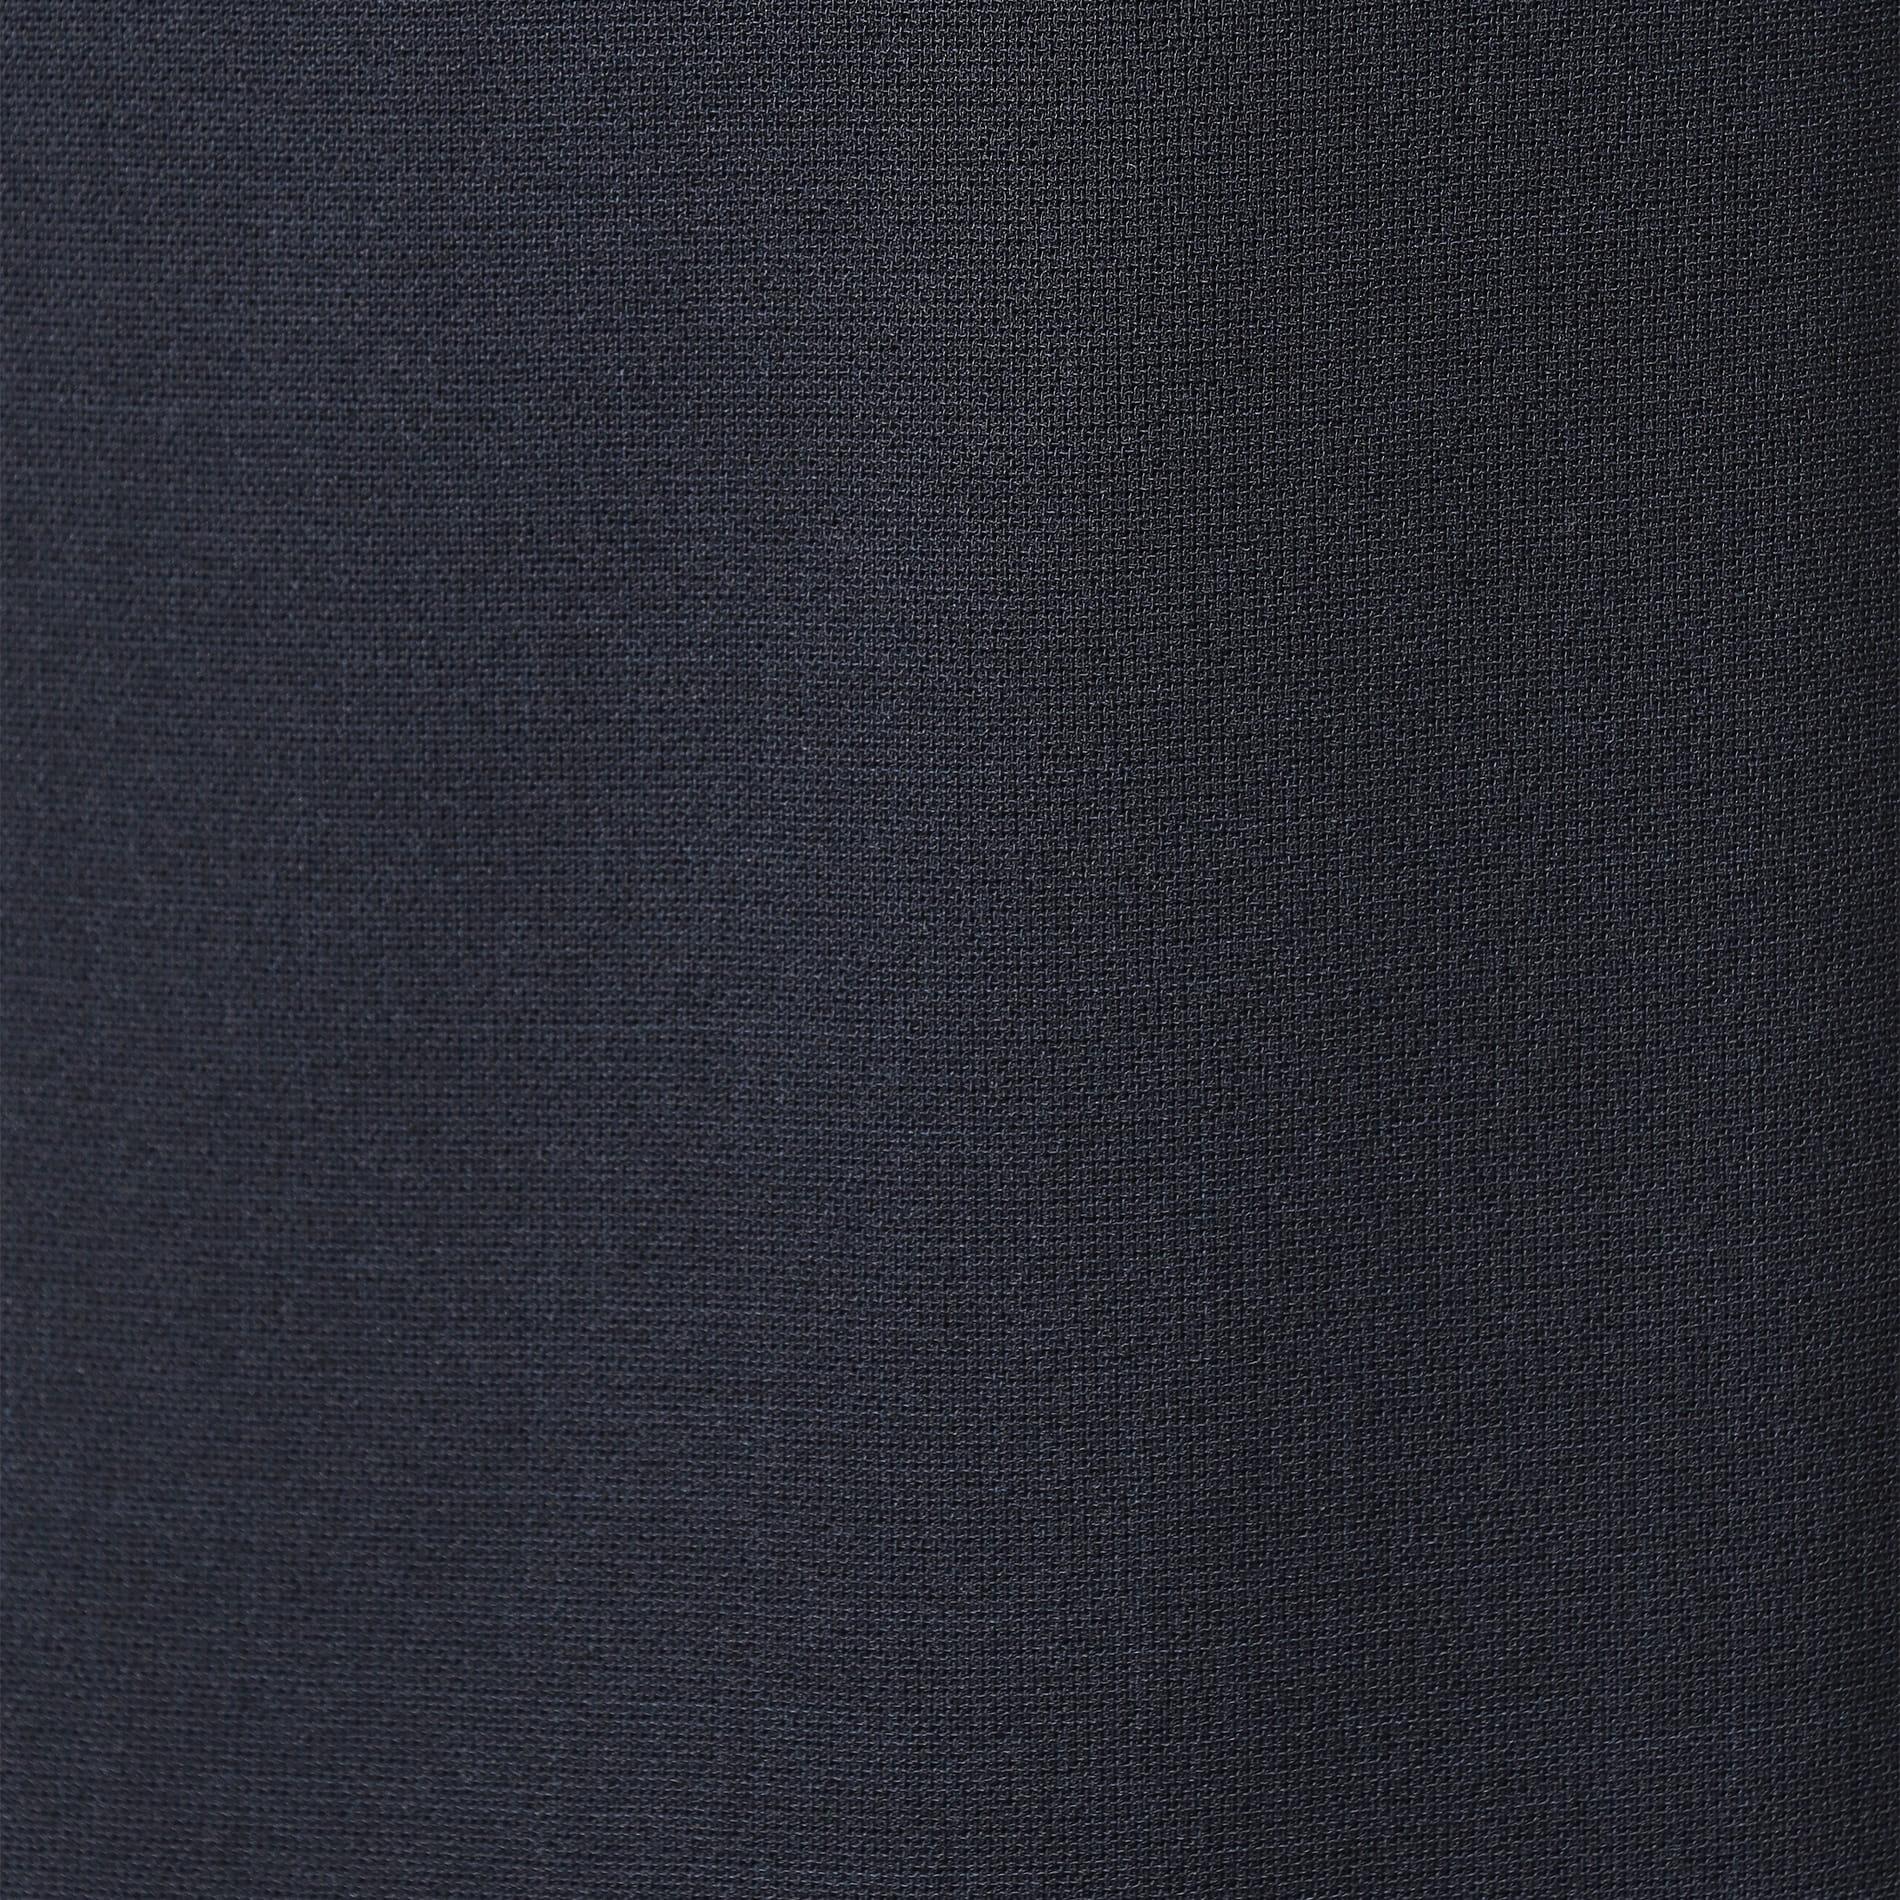 【セットアップ】ストレッチクロス タイトスカート